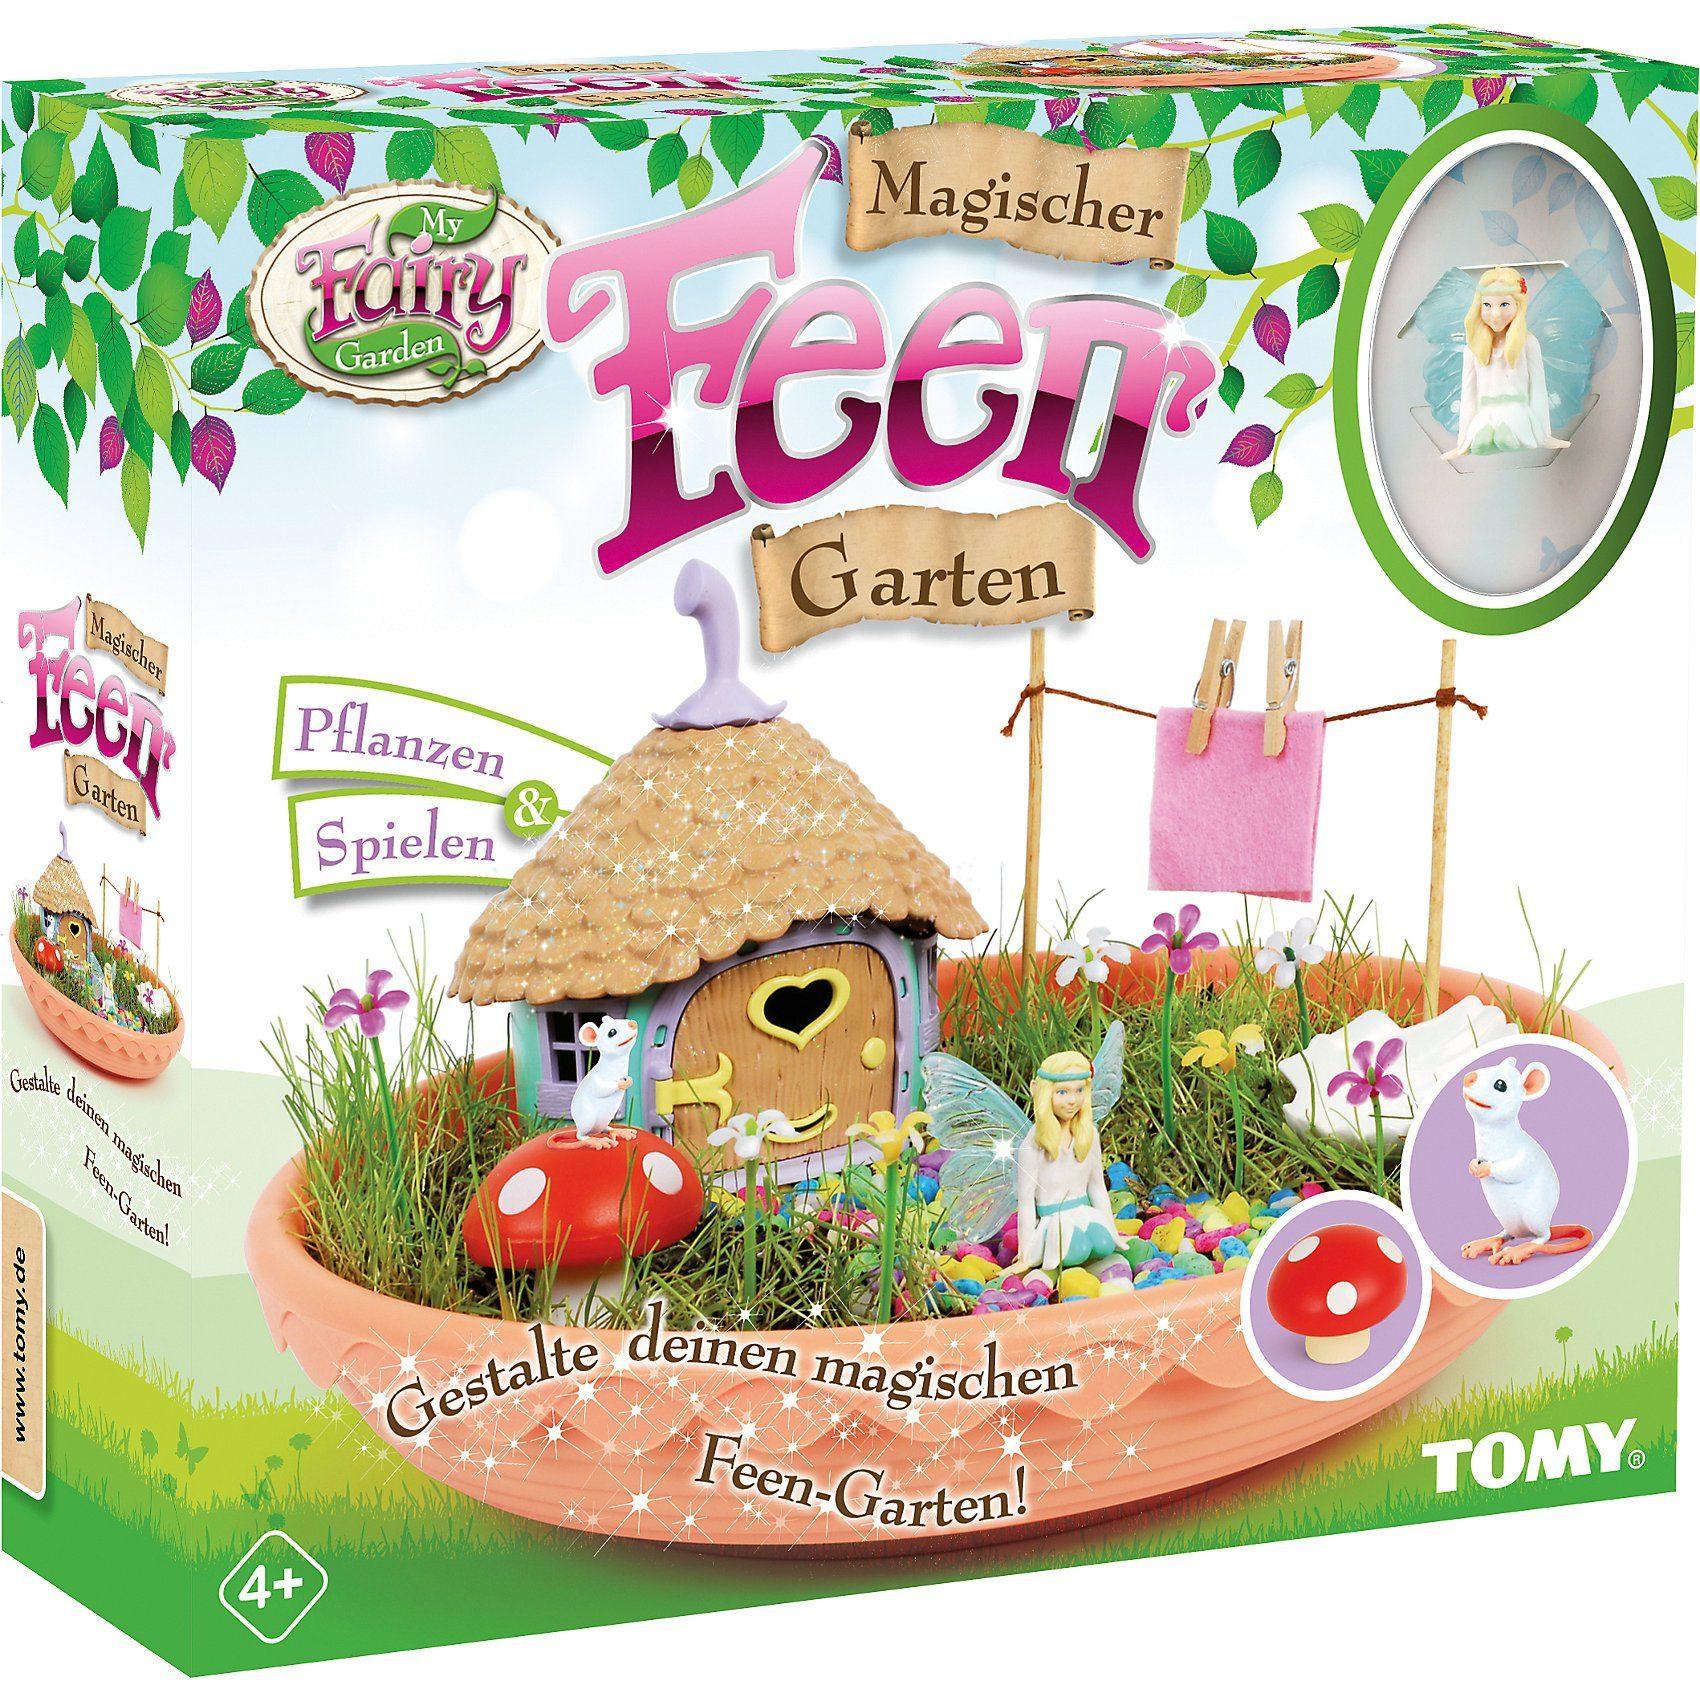 Tomy® My Fairy Garden - Magischer Feen Garten